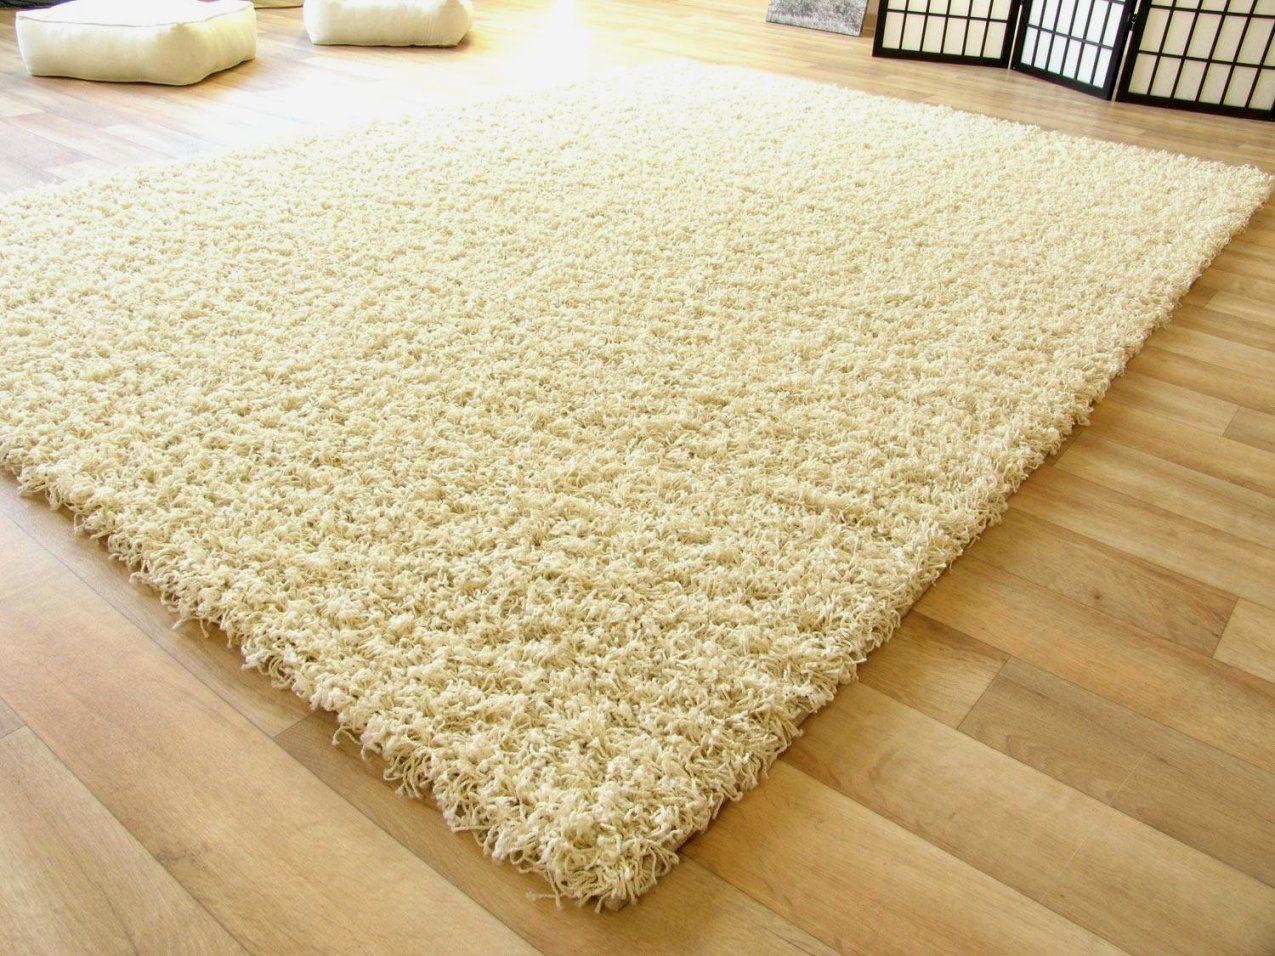 Fantastisch Shaggy Teppich Reinigen Hochflorteppich Langflor von Hochflor Teppich Reinigen Tricks Bild